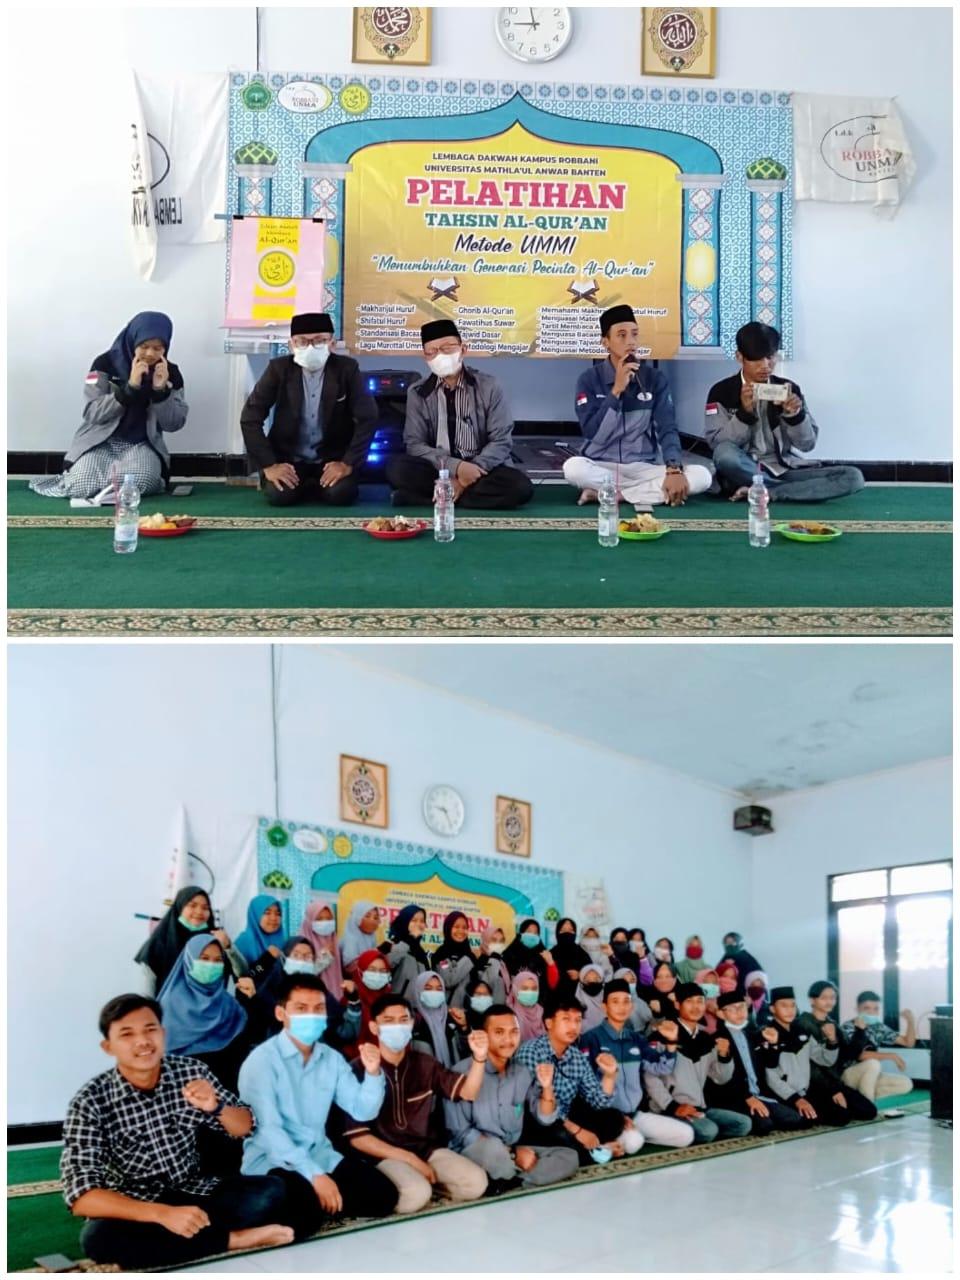 Pelatihan Tahsin Al-Qur'an Metode Ummi  oleh Lembaga Dakwah Kampus (LDK) Robbani Universitas Mathla'ul Anwar Banten